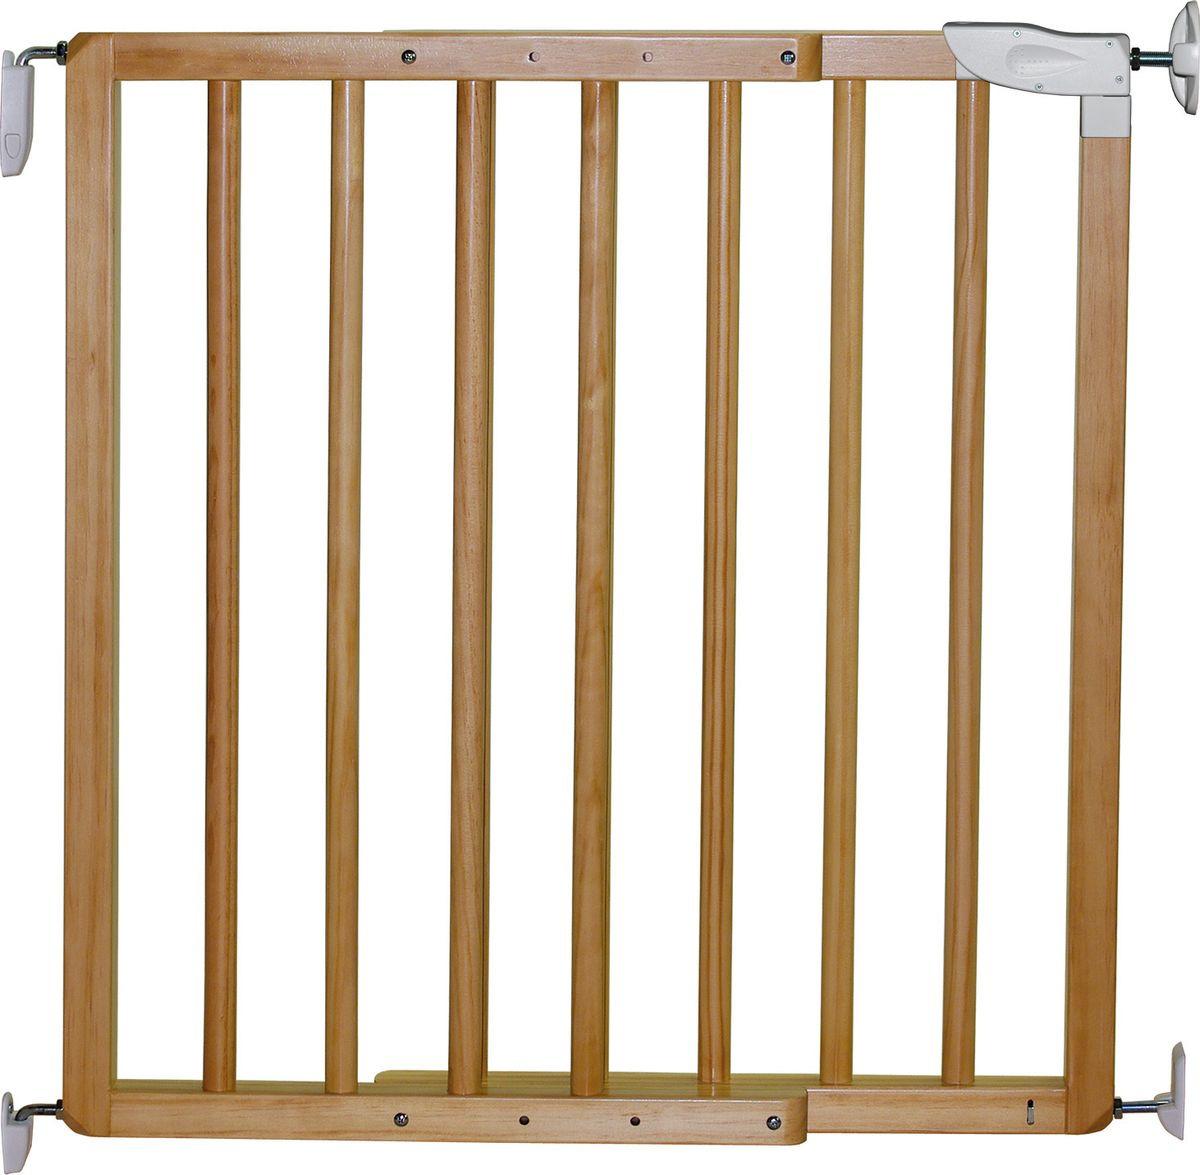 Ворота безопасности Nordlinger Olympos, 742002, натуральное дерево, 70-106 см ворота безопасности для детей на лестницу в леруа мерлен